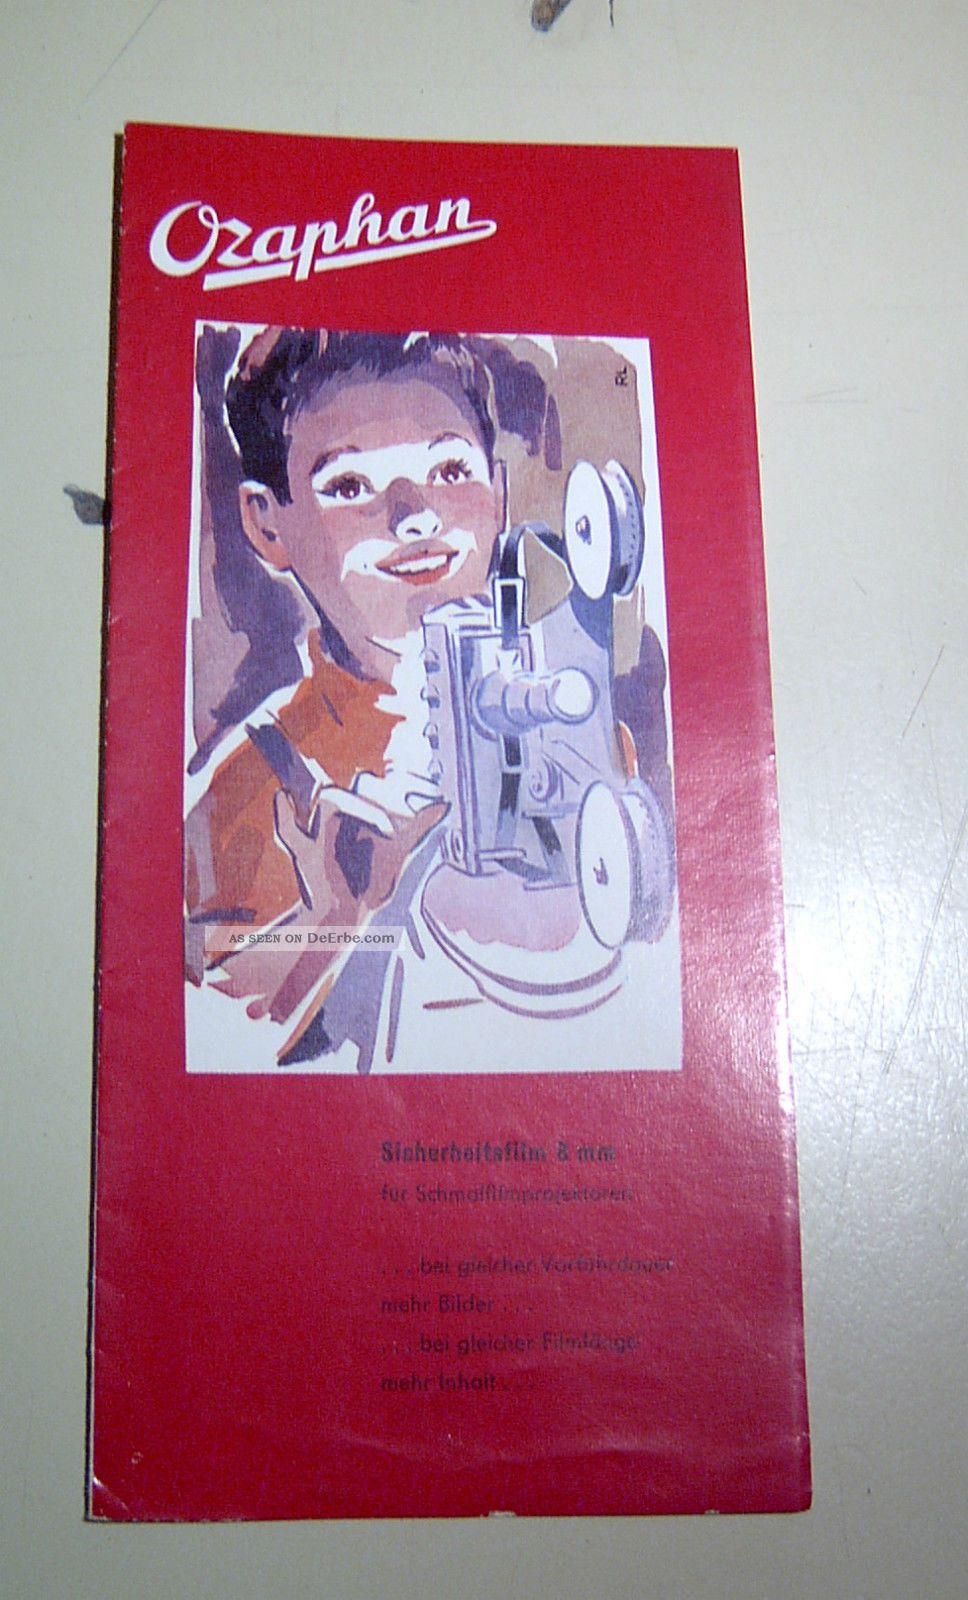 Ozaphan Prospekt 8 Mm Sicherheitsfilm 1959 4259 Spielzeug-Literatur Bild